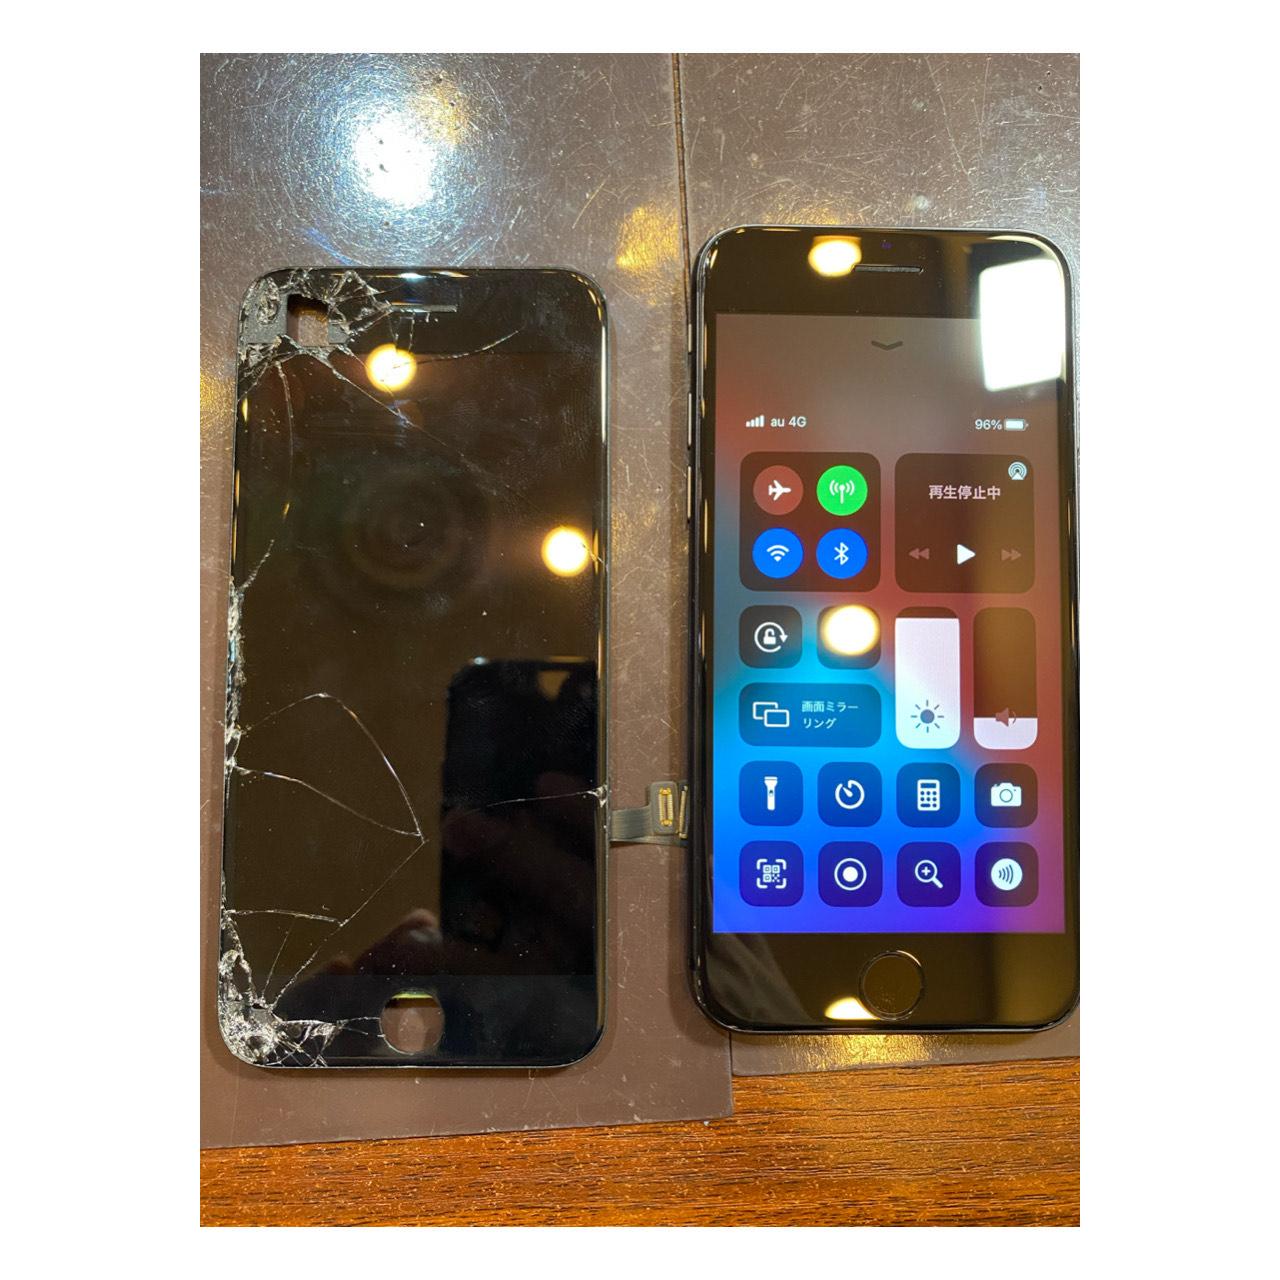 【iPhoneSE2画面交換】尼崎市-画面割れをほっておかないで!!即日修理!ヒ